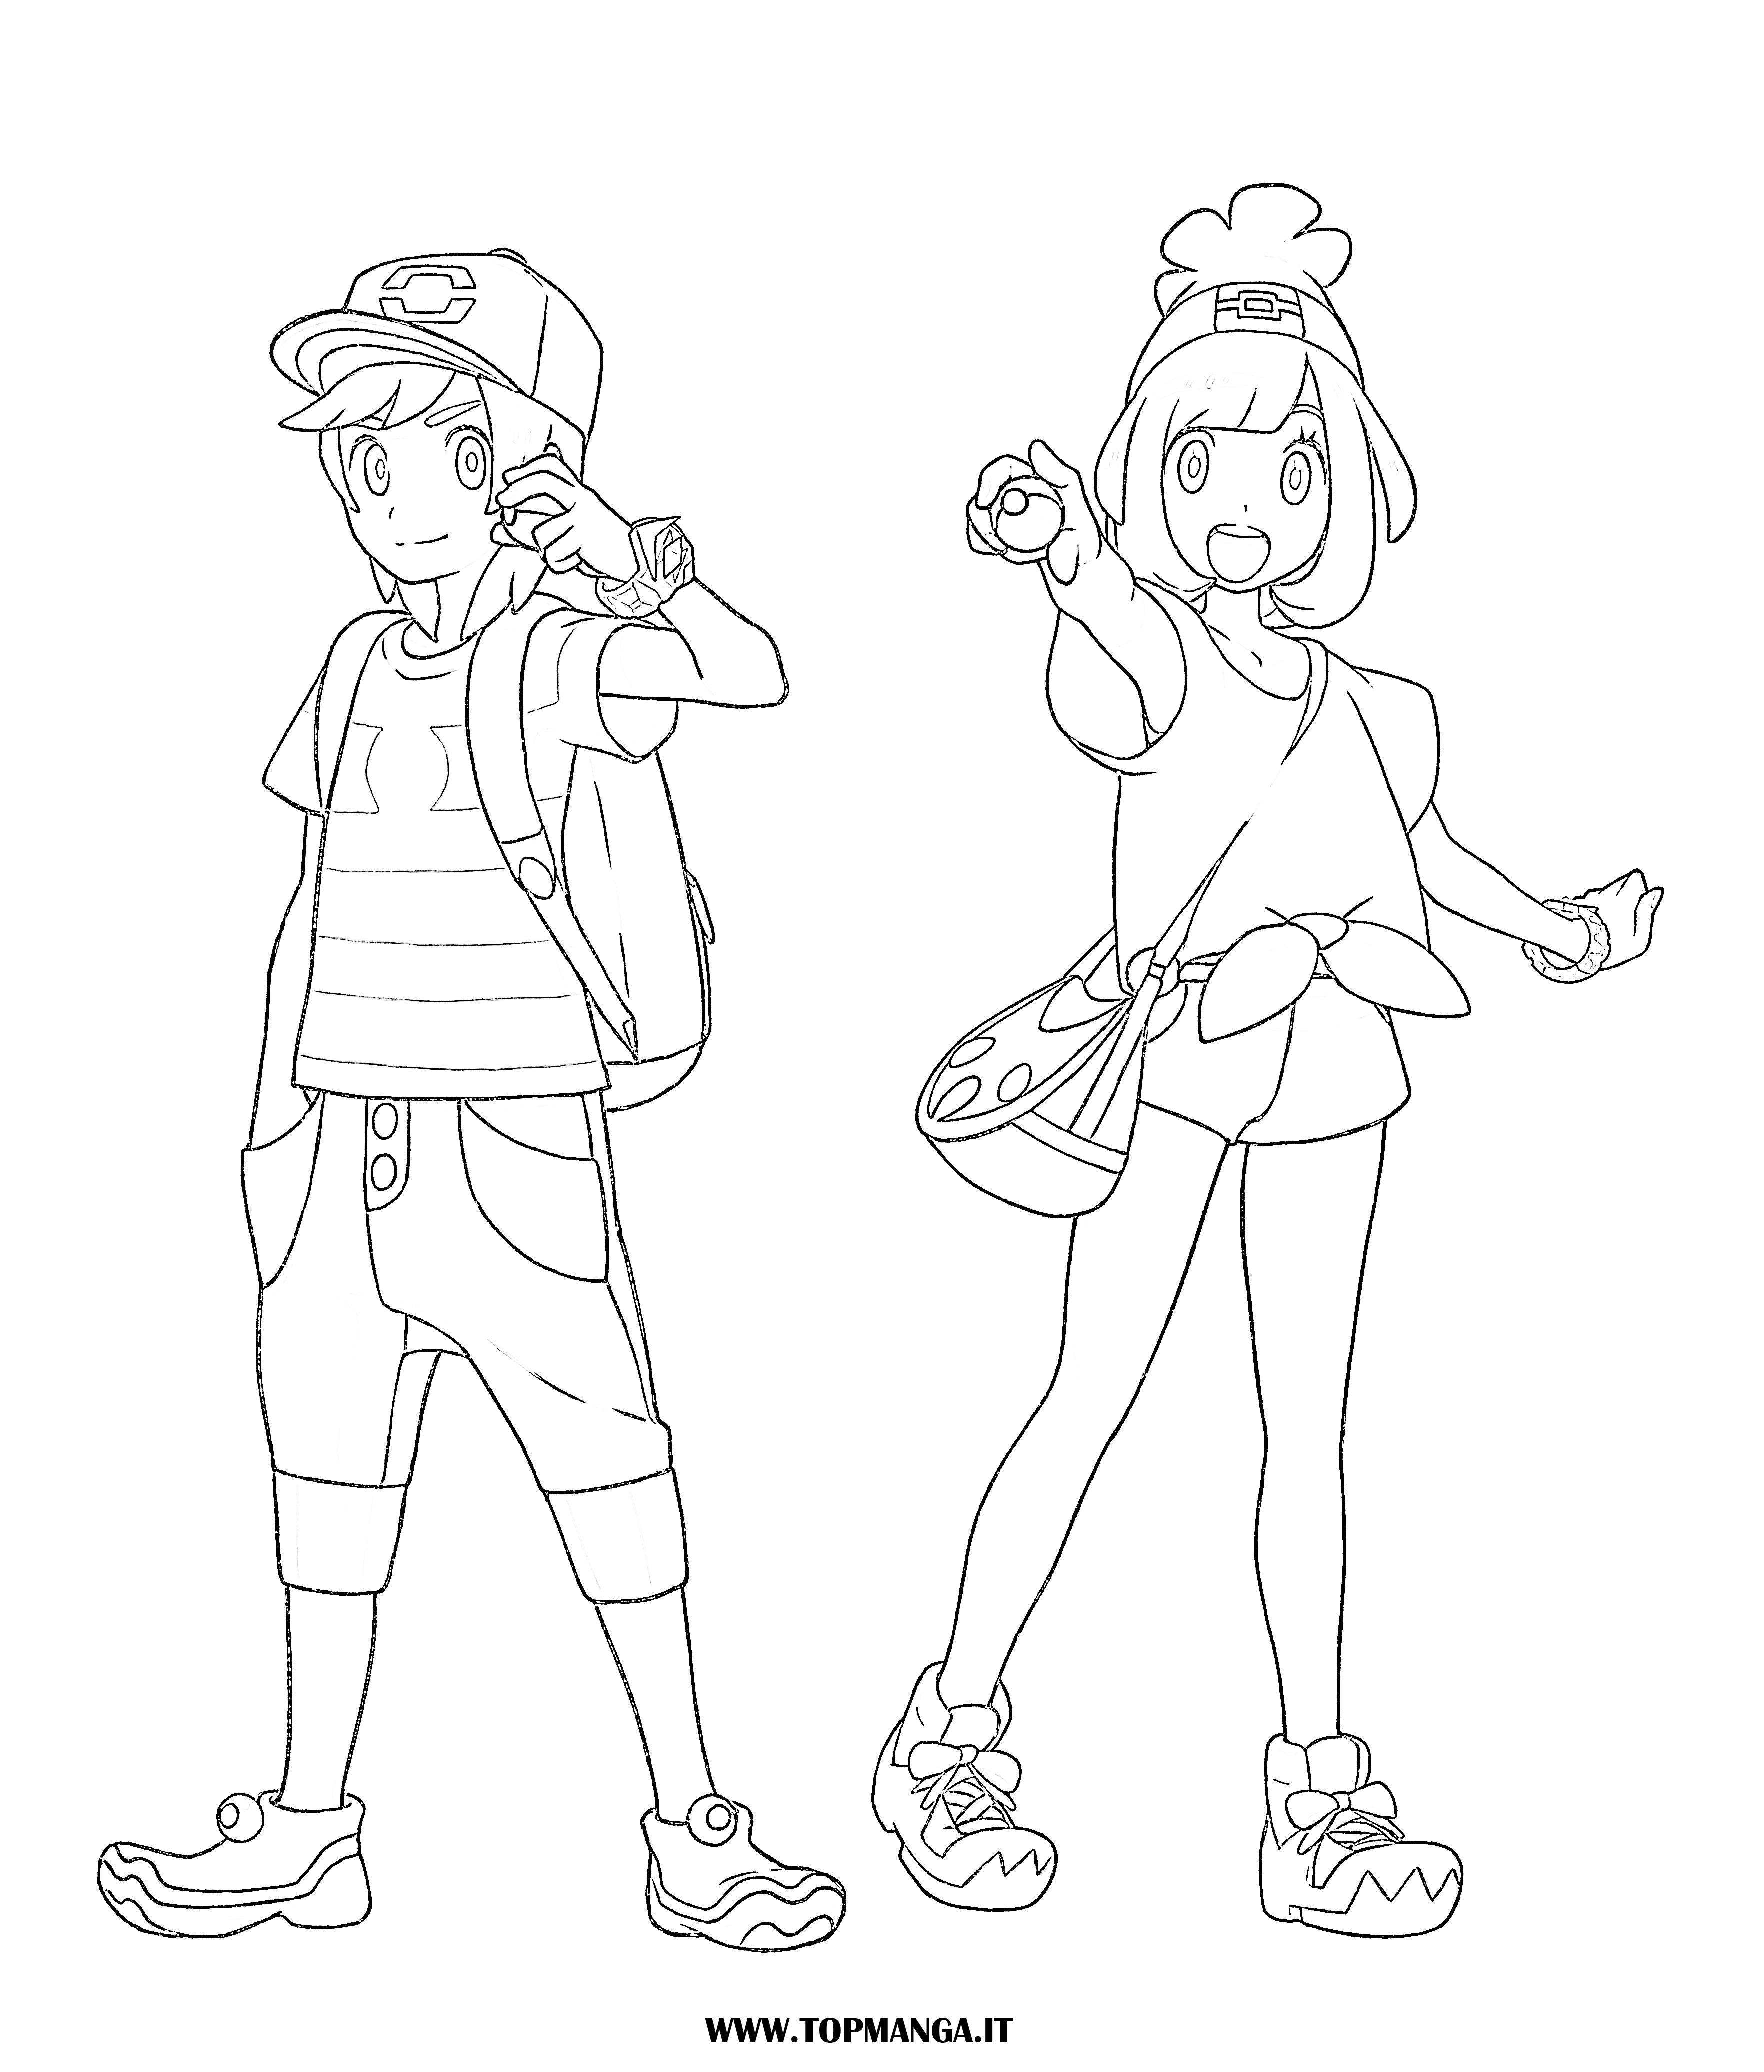 Immagini da colorare di pokemon topmanga anime e manga - Immagini di dinosauro da colorare in ...